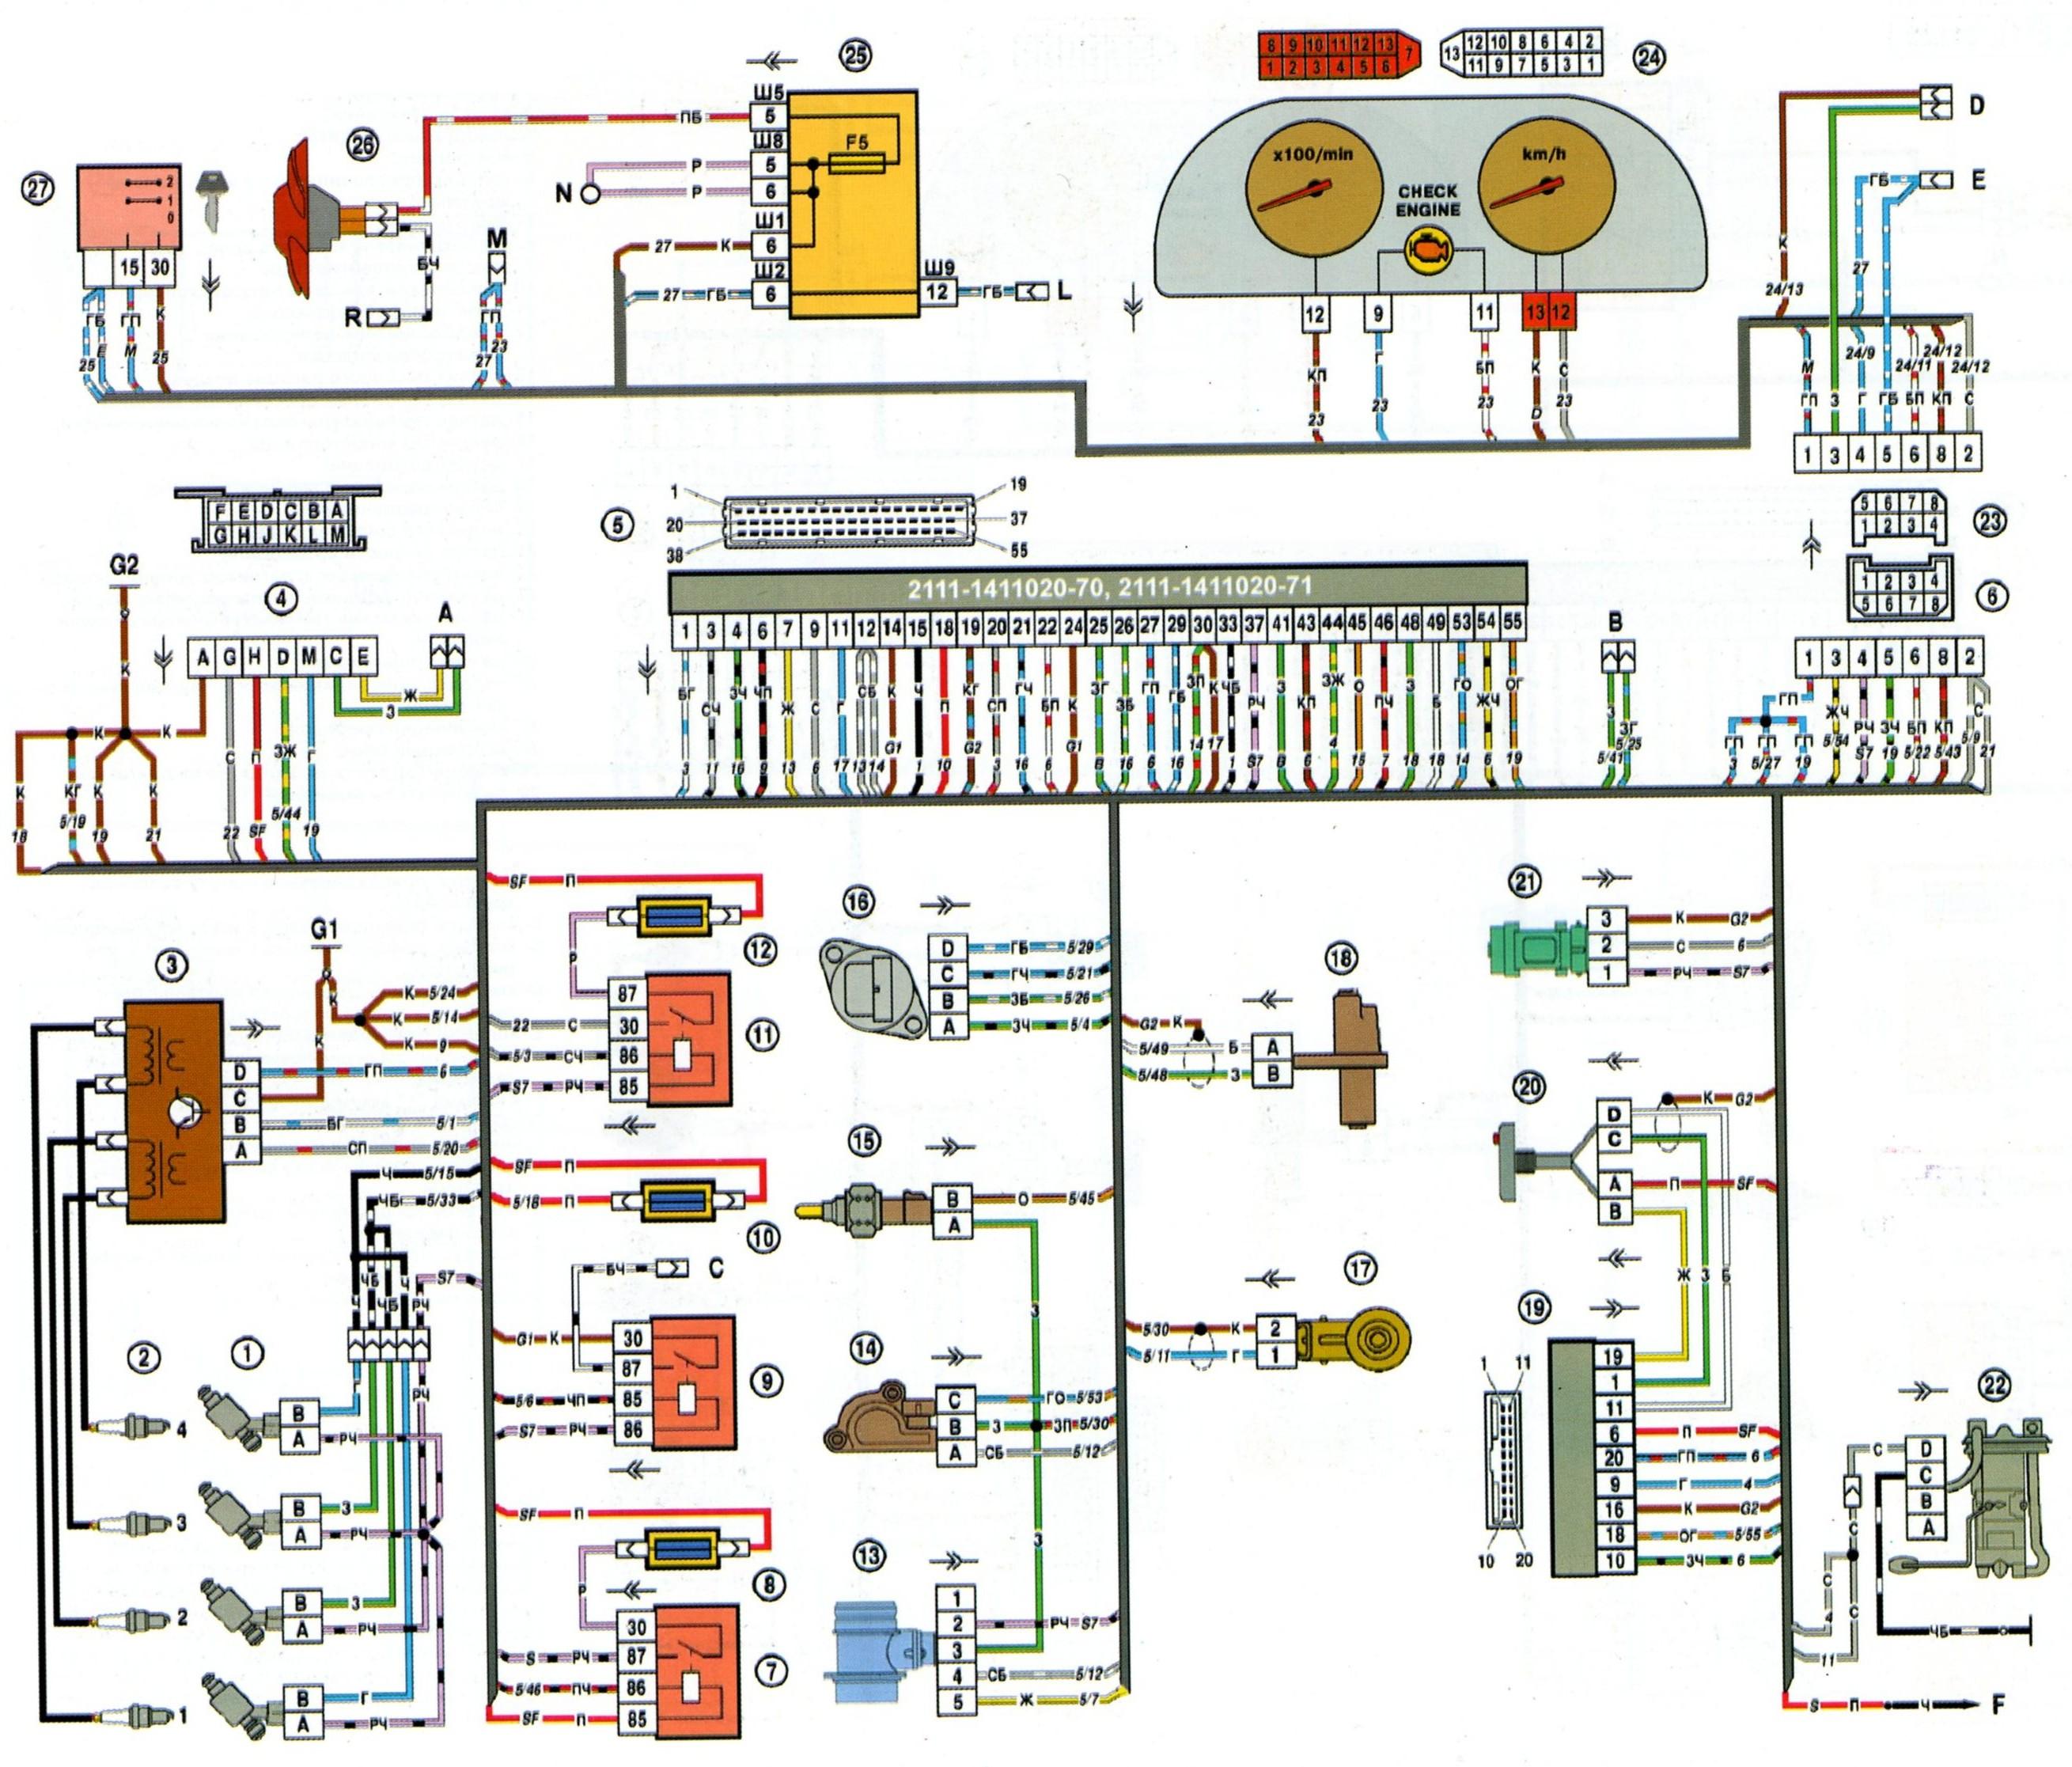 Схема электрическая ваз 2109 инжектор - Главная.  Тема от пользователя rLtOn.